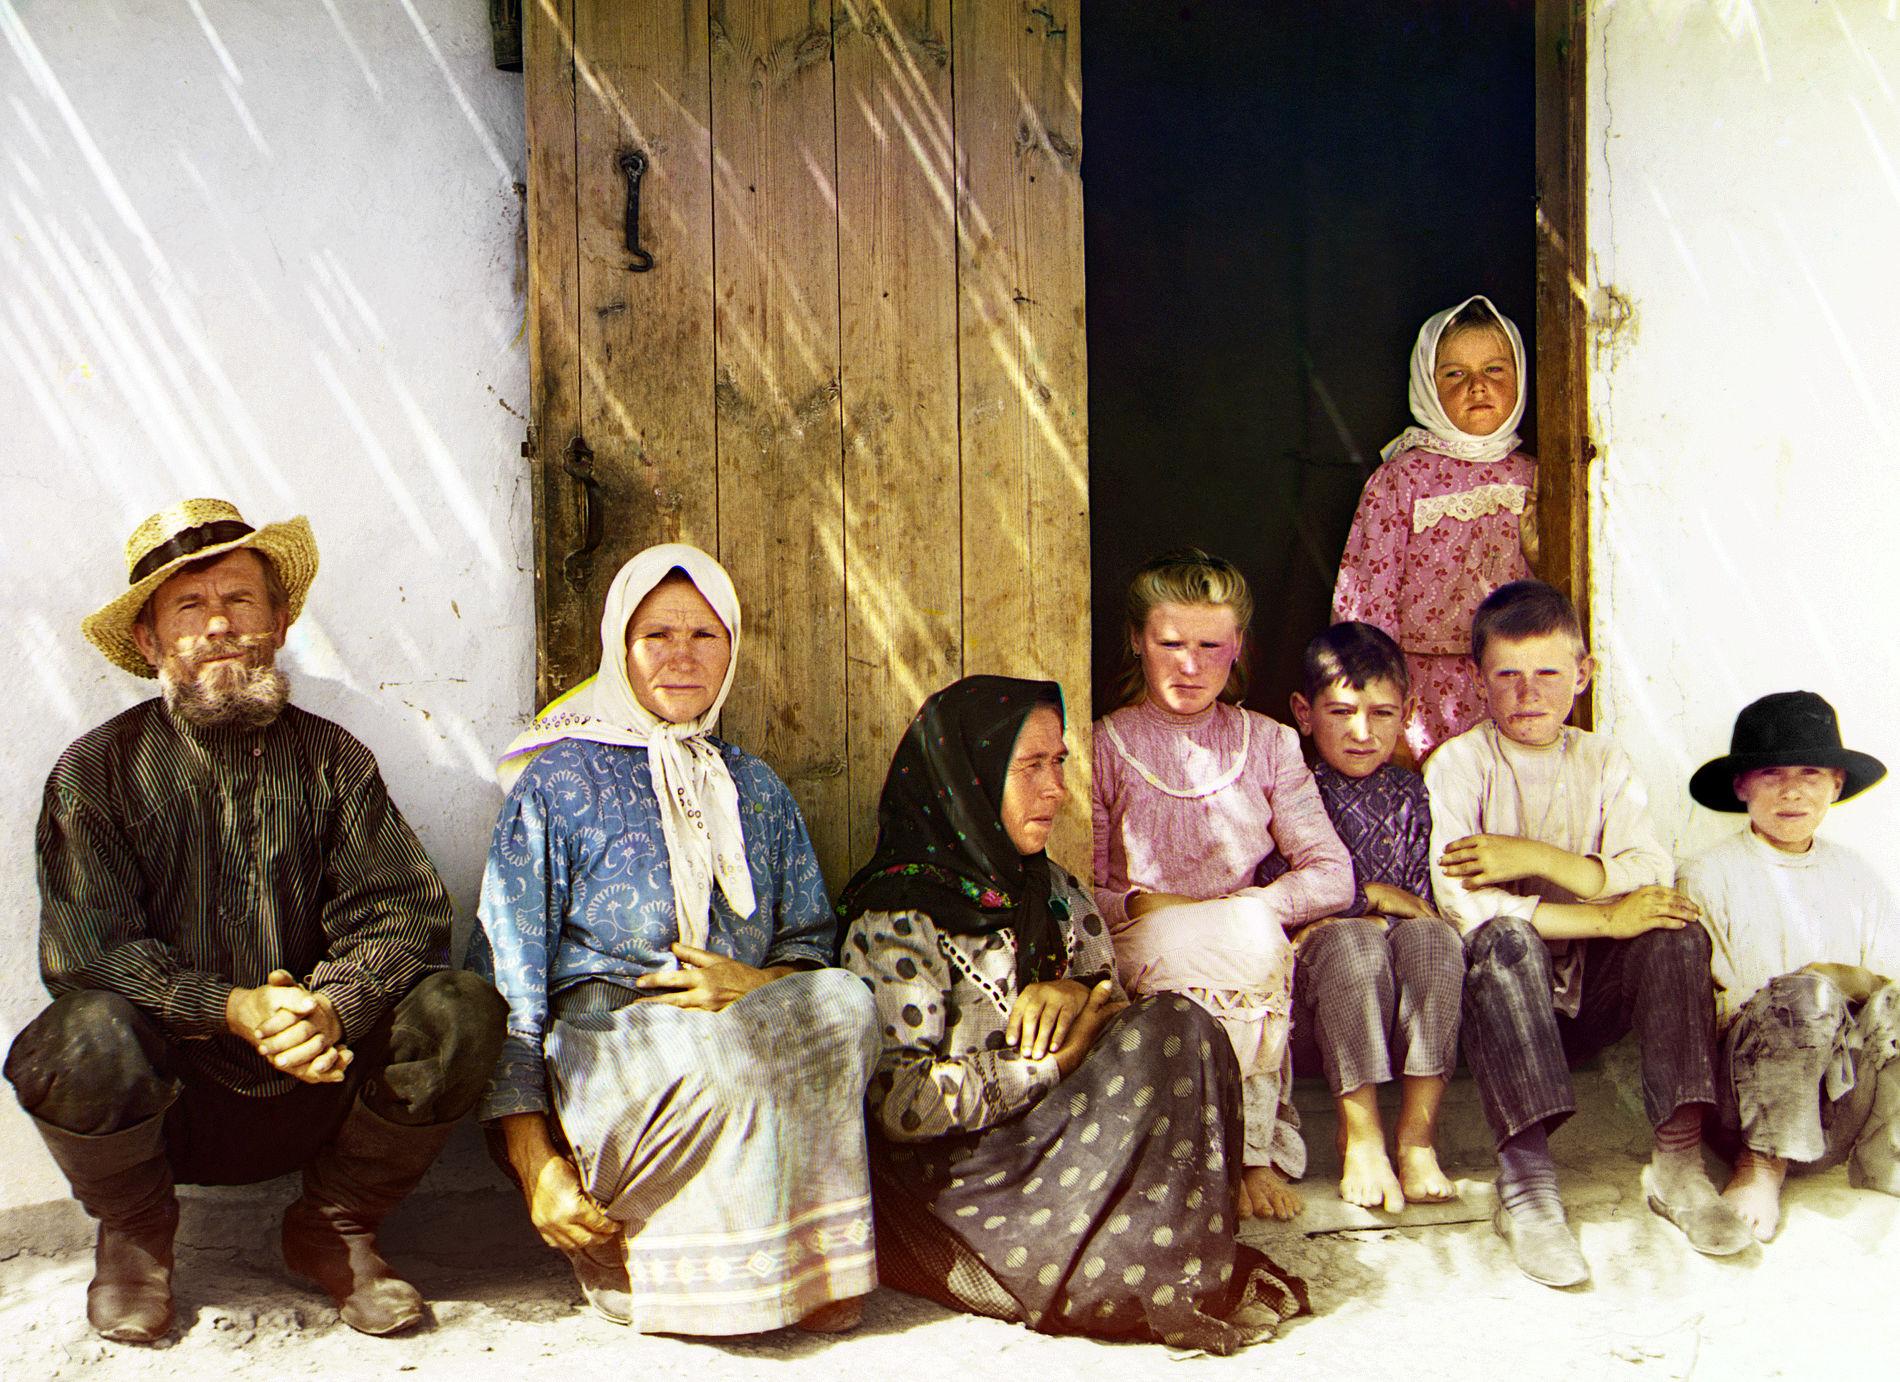 Русские поселенцы (возможно, молокане) в Муганской степи, Азербайджан. Фотография С. М. Прокудина-Горского, 1905-1910 гг. ©Фото с сайта commons.wikimedia.org